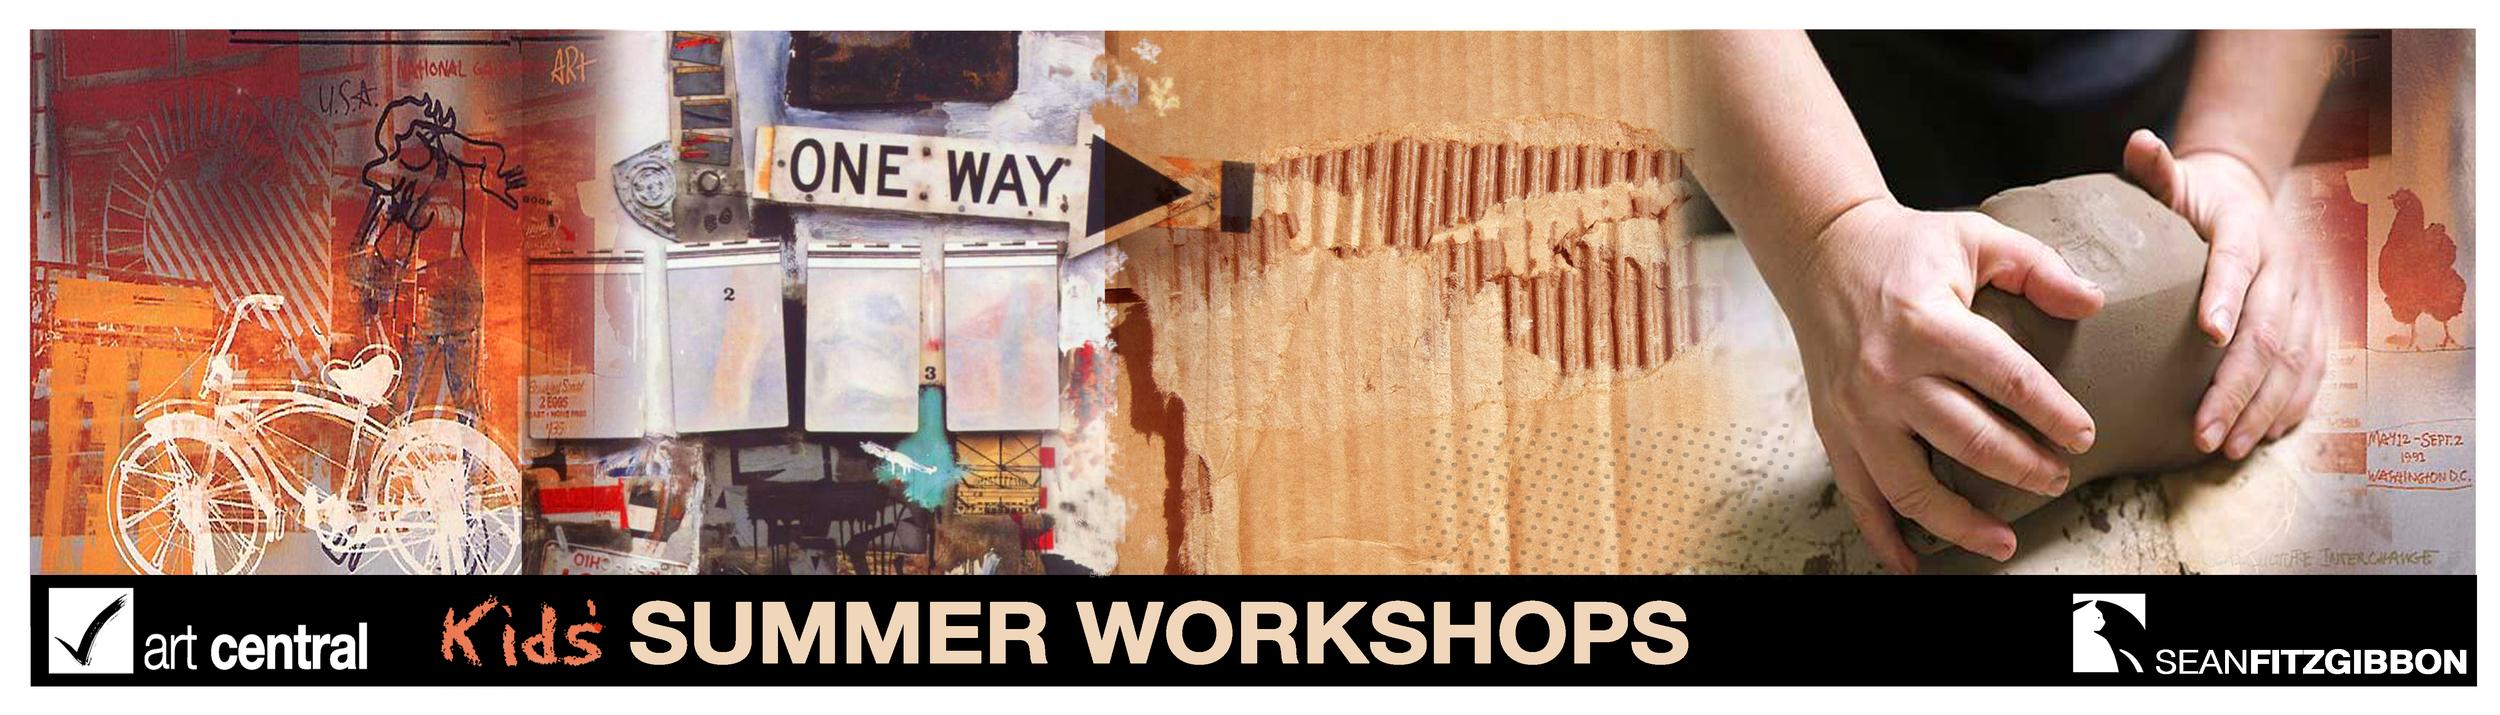 art central workshops copy.jpg